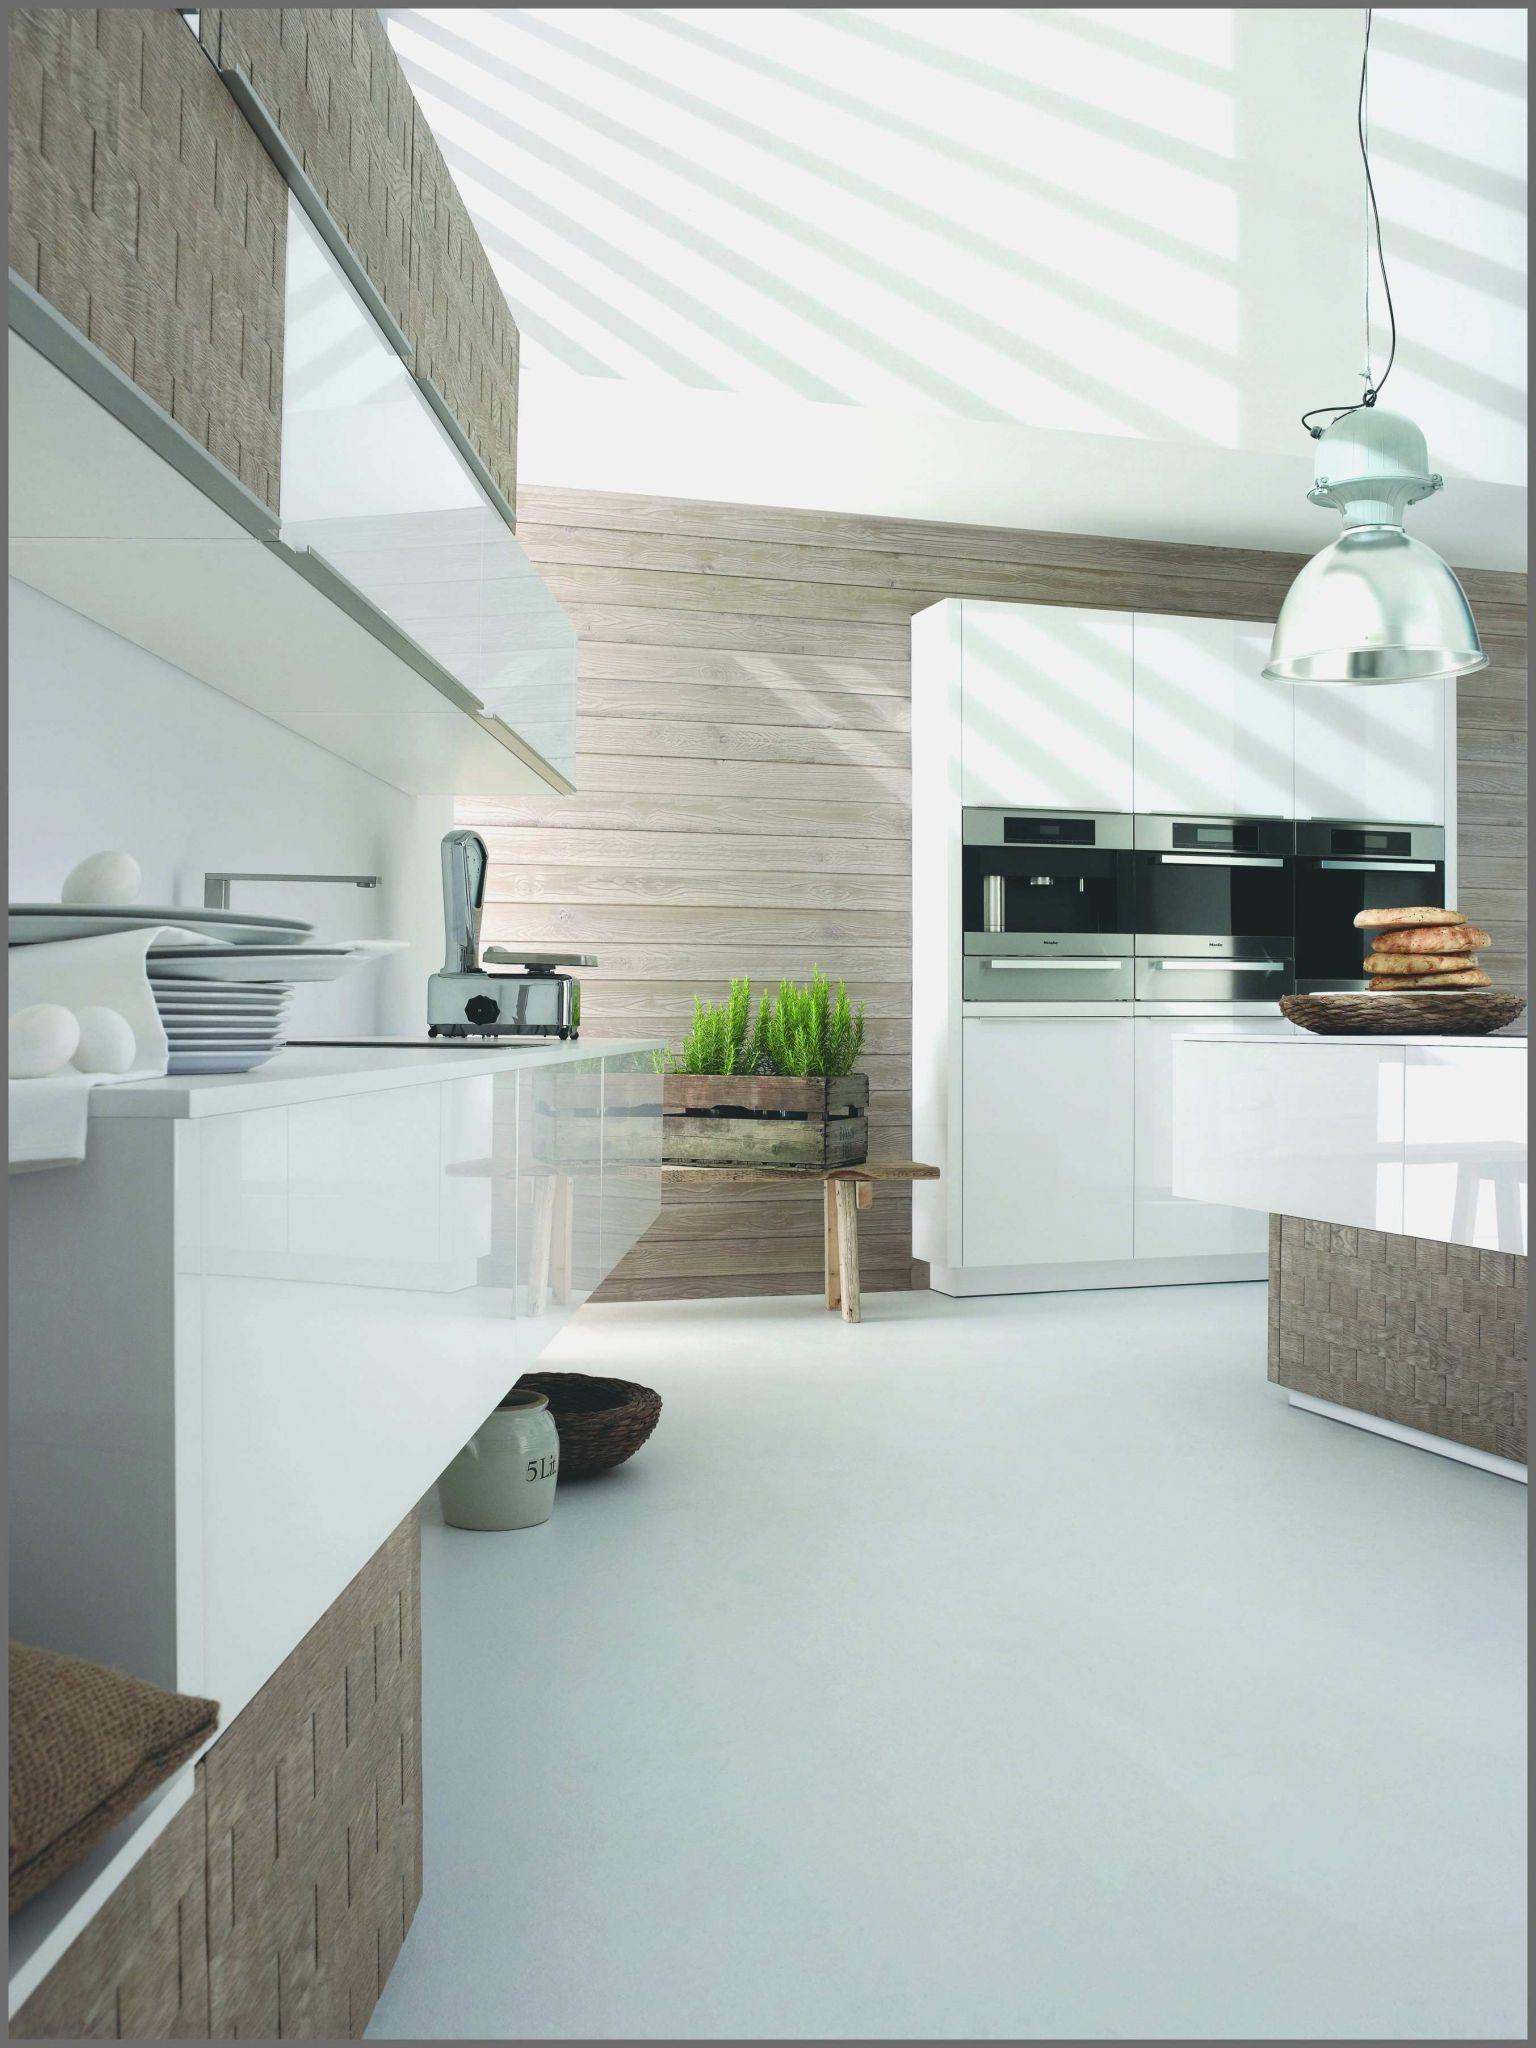 mobilier de jardin lumineux ou meuble bas salon le bon coin lovely petit meuble cuisine de mobilier de jardin lumineux